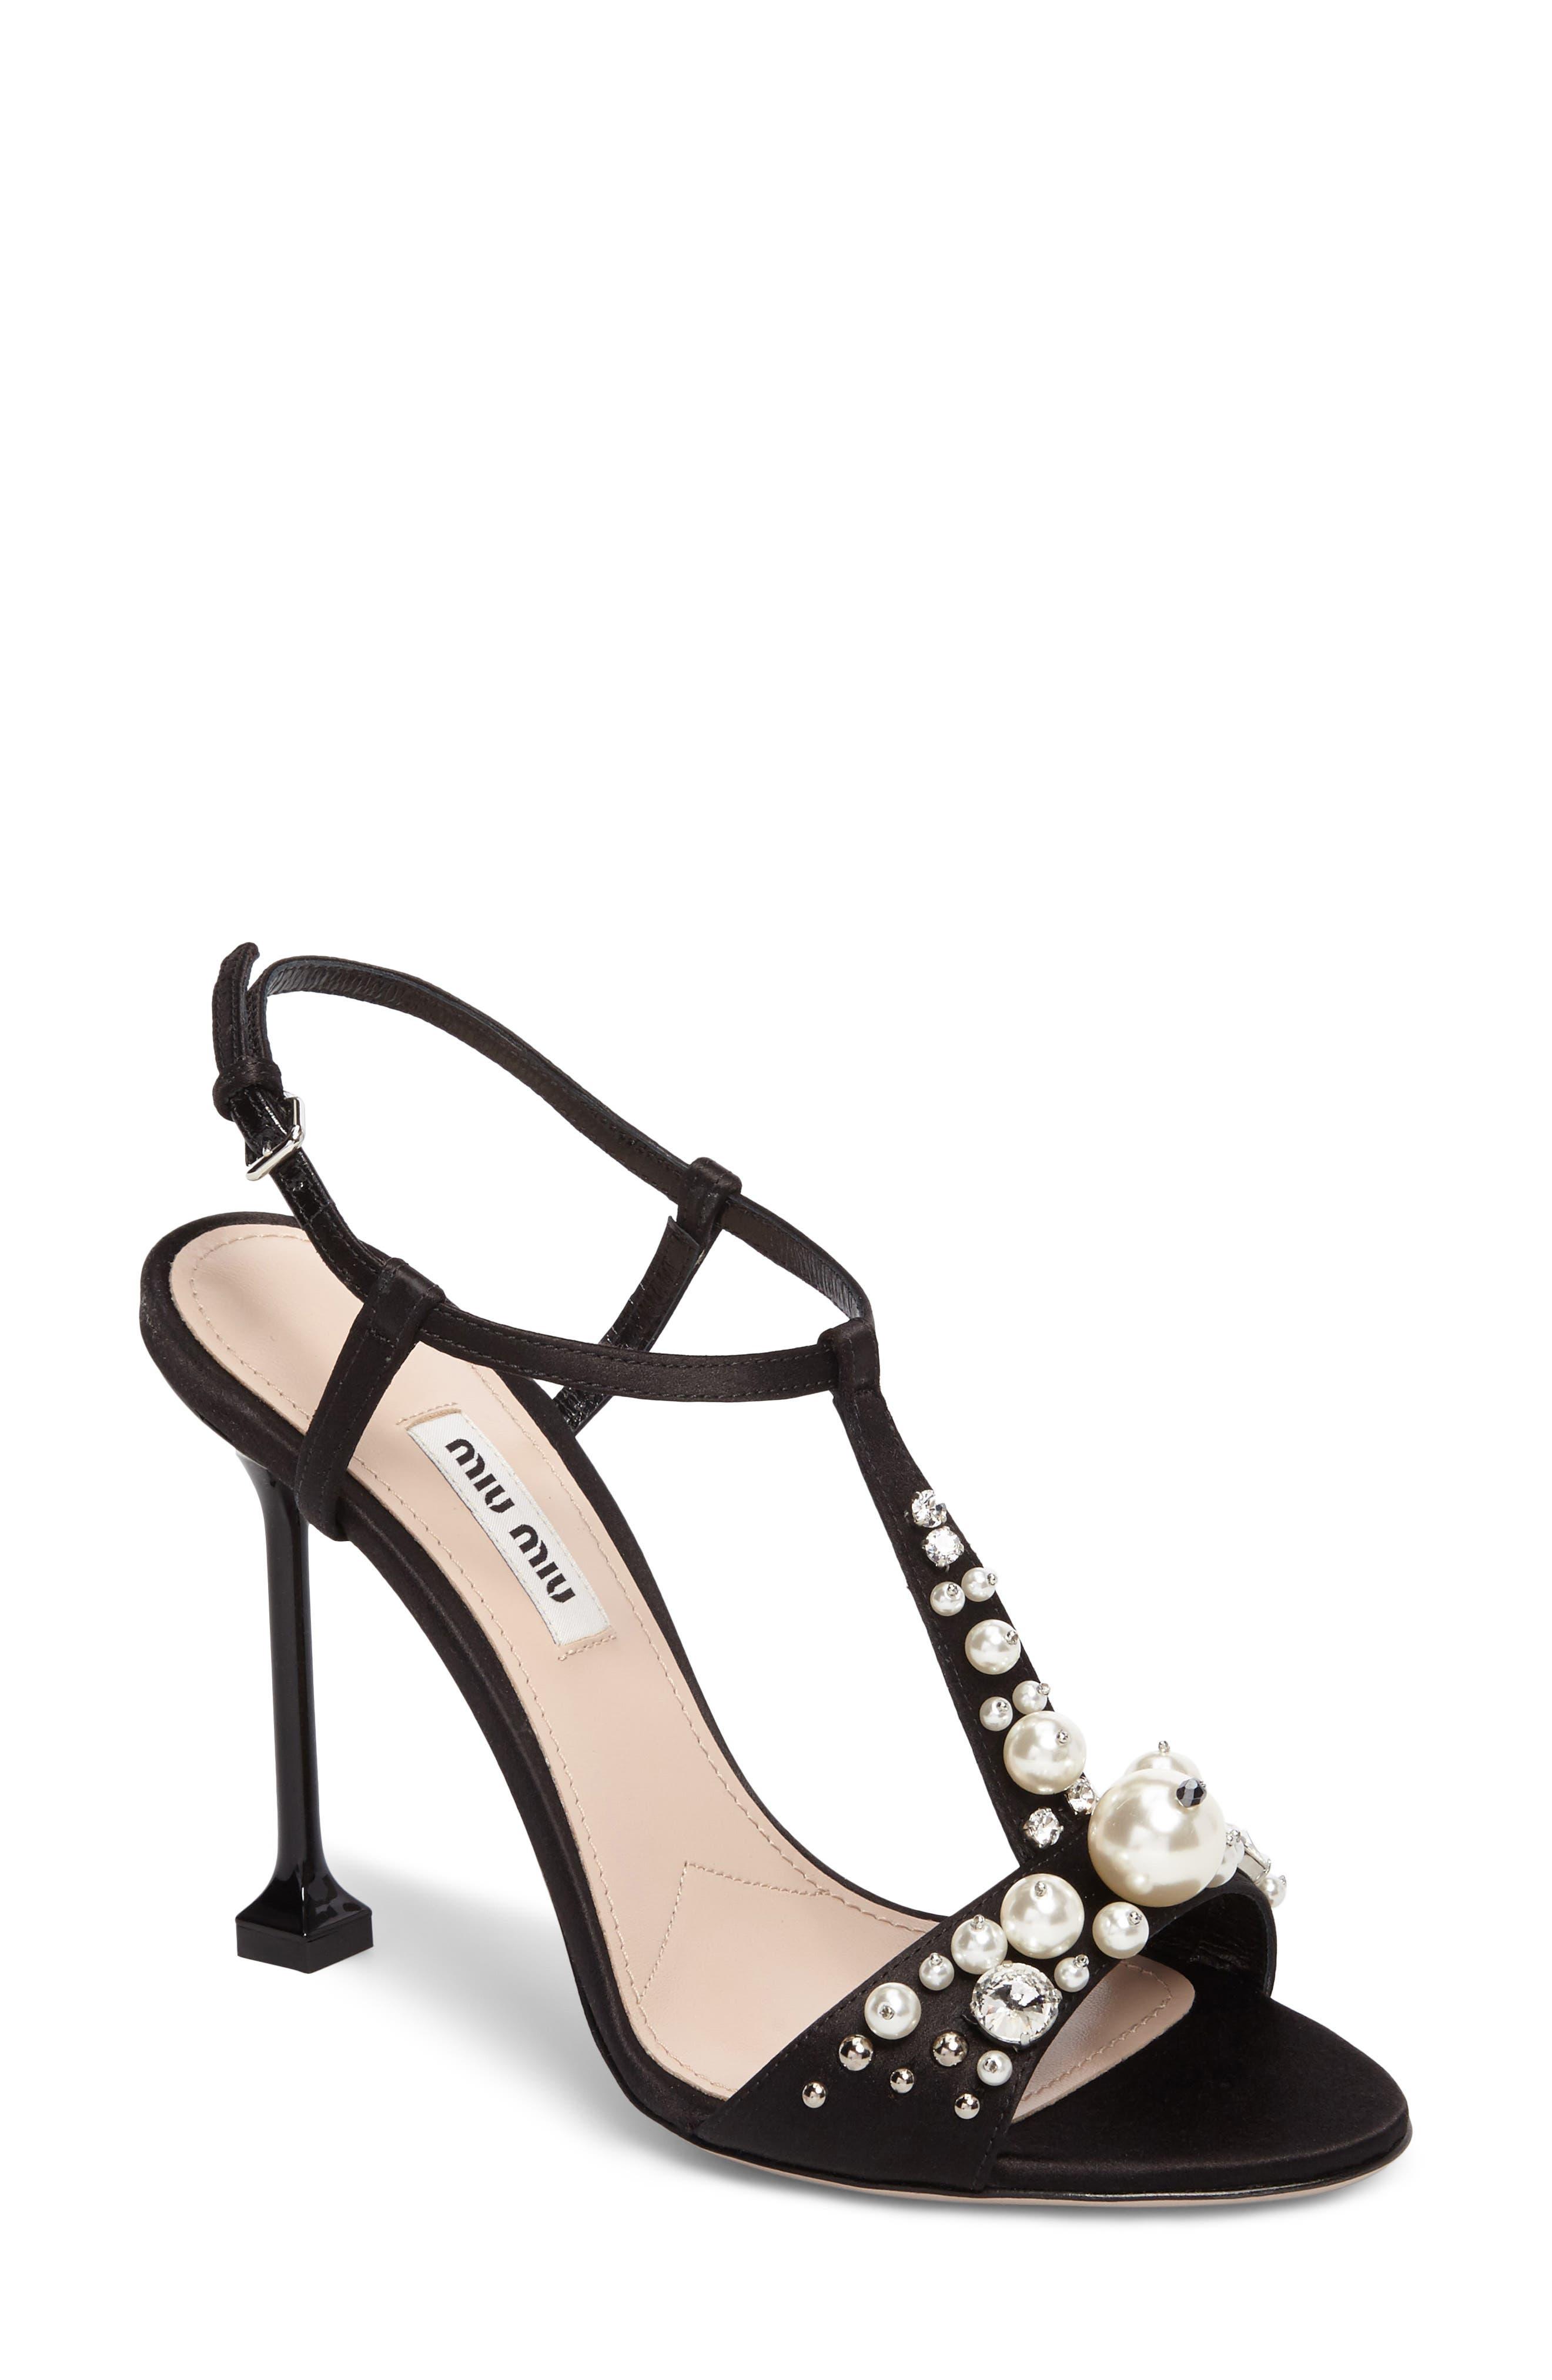 Main Image - Miu Miu Embellished T-Strap Sandal (Women)